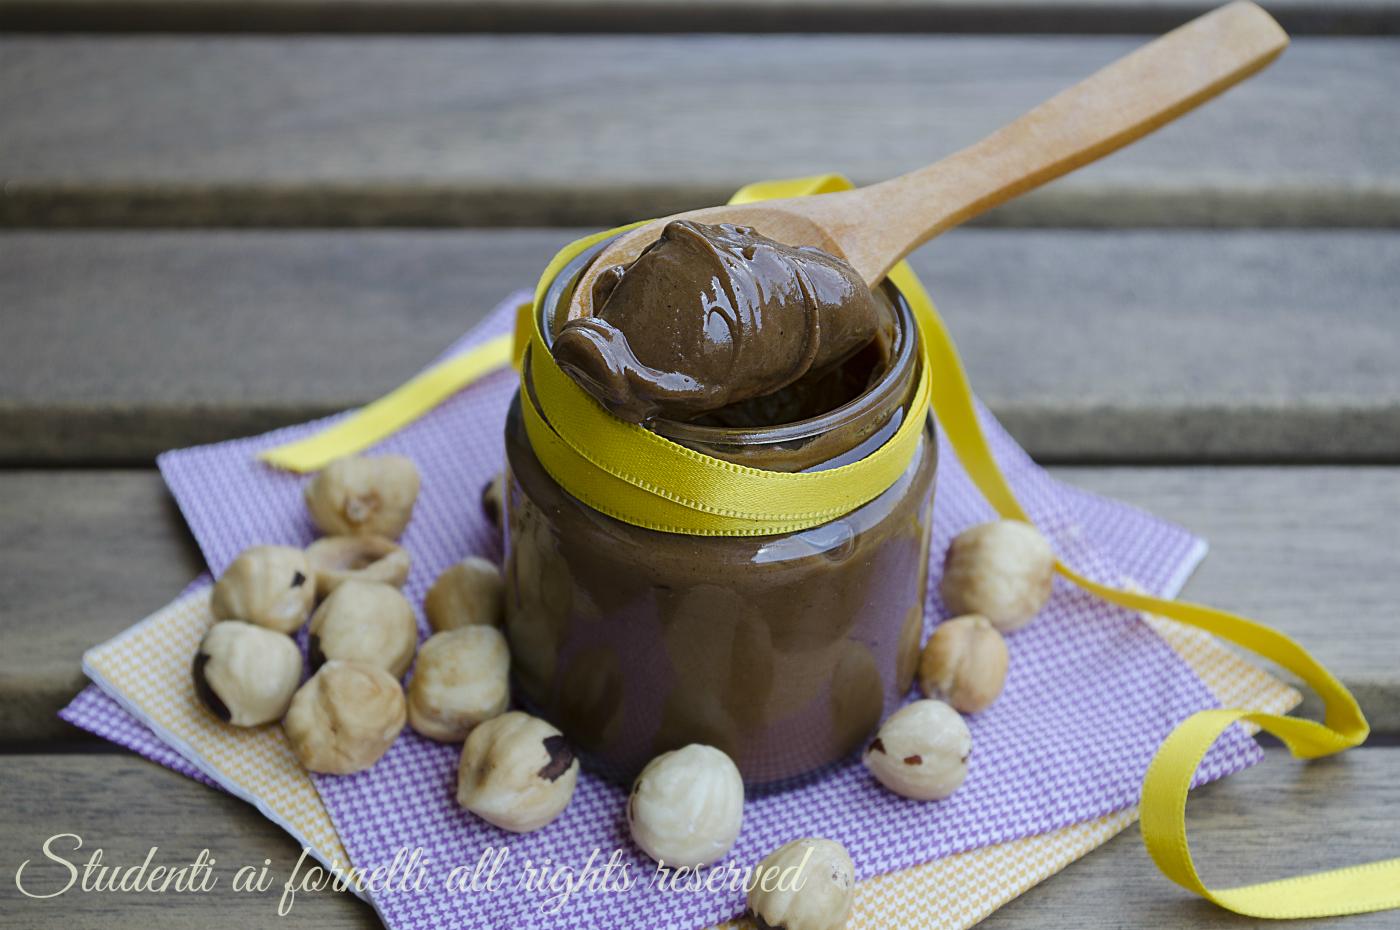 pasta di nocciole fatta in casa ricetta per pasticceria dolci